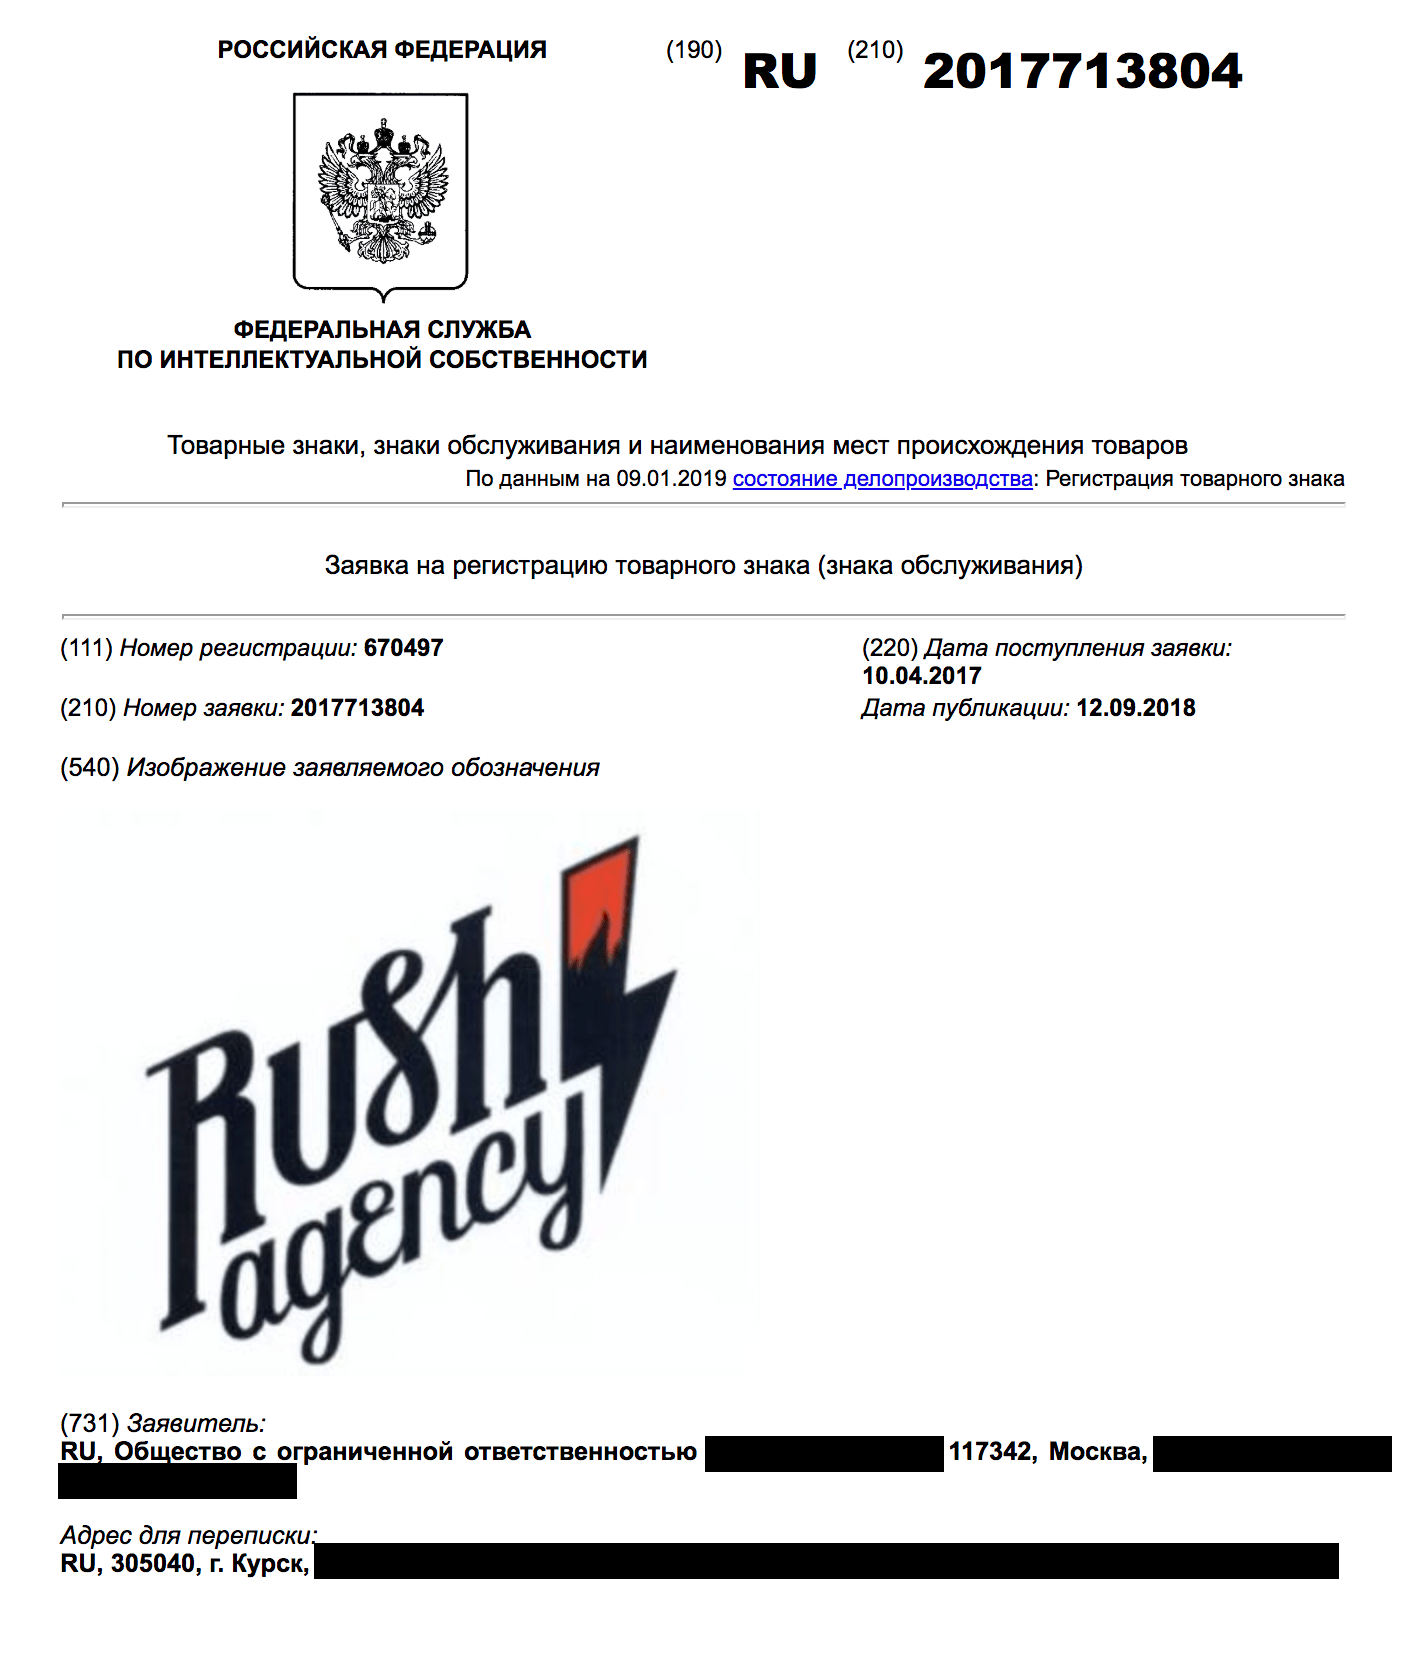 Регистрация товарного знака для ип стоимость бланк заявления о регистрации ип как работодателя в фсс